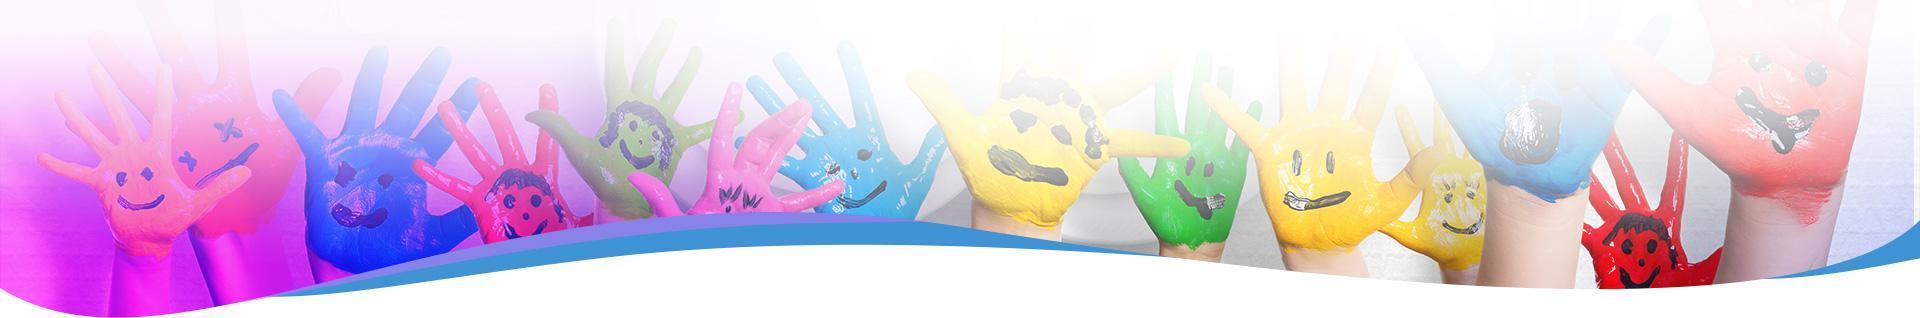 pomalowane dłonie dzieci w różnych kolorach z uśmiechami